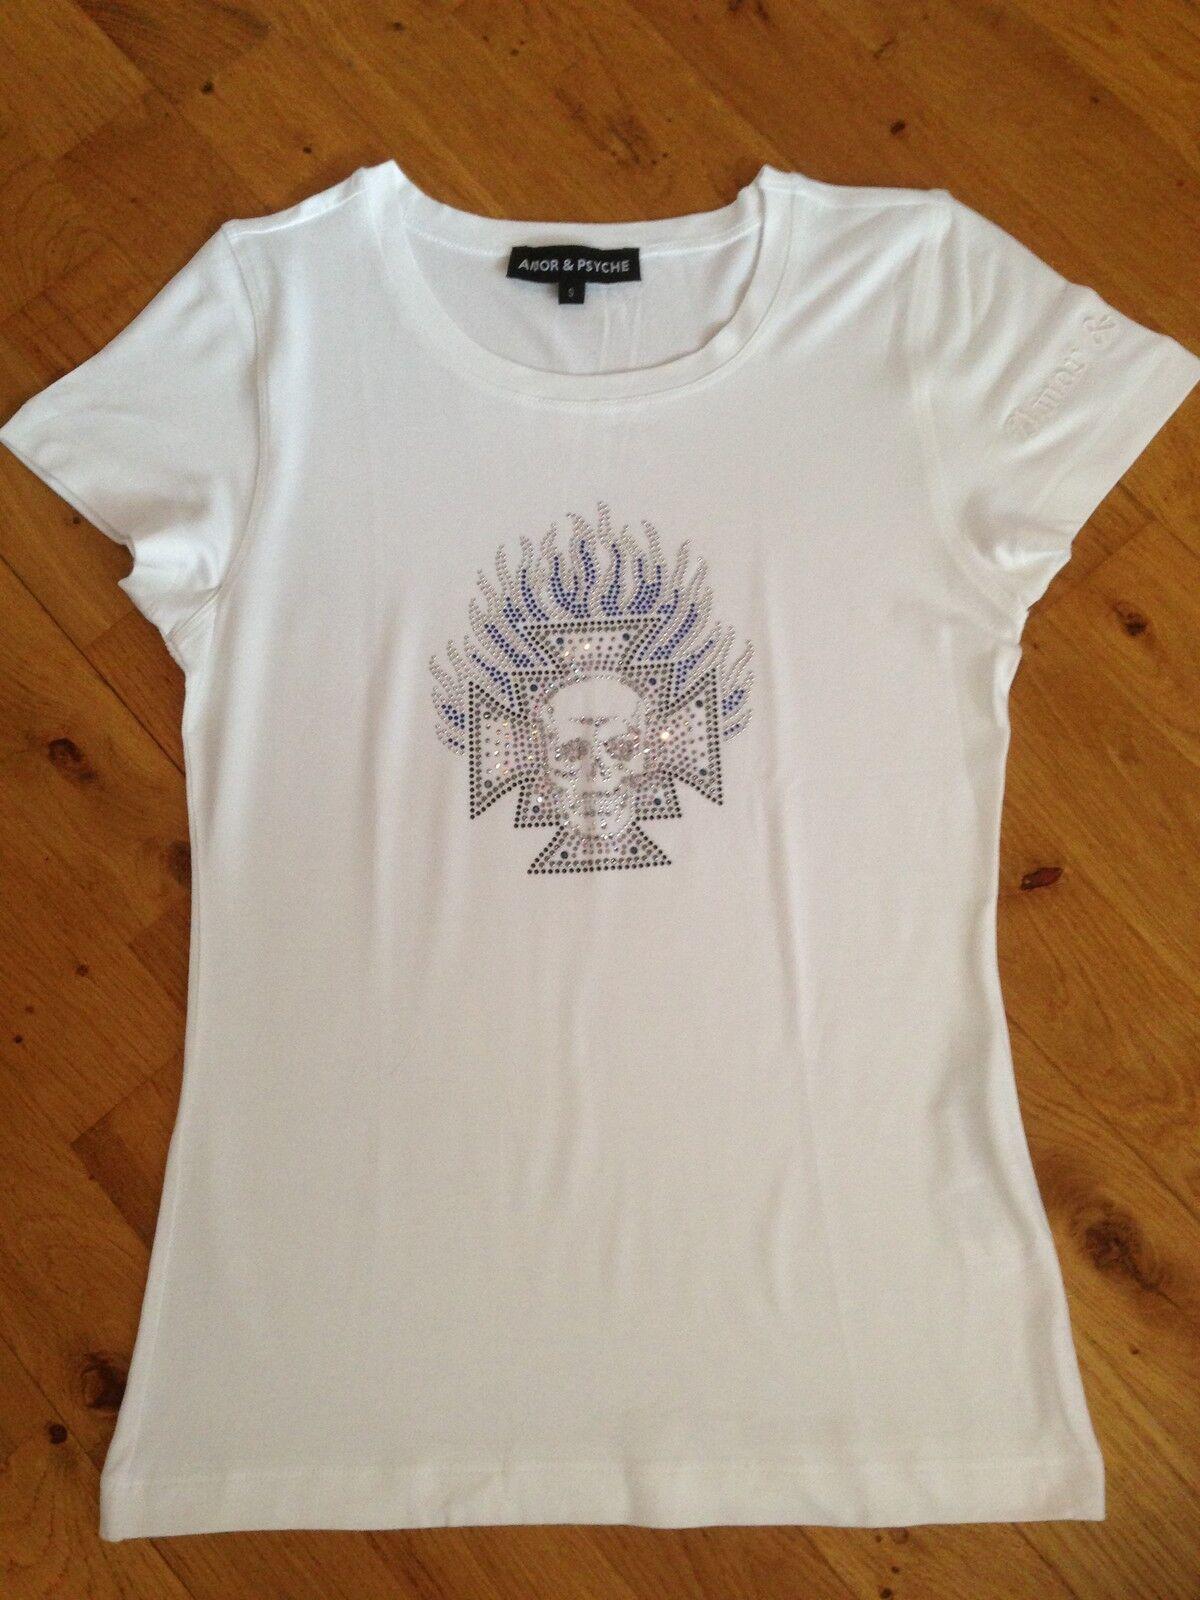 Rockiges Hemd, weiß, Amor & Psyche, echte Swarovskisteine  Totenkopf, Gr. S, NW